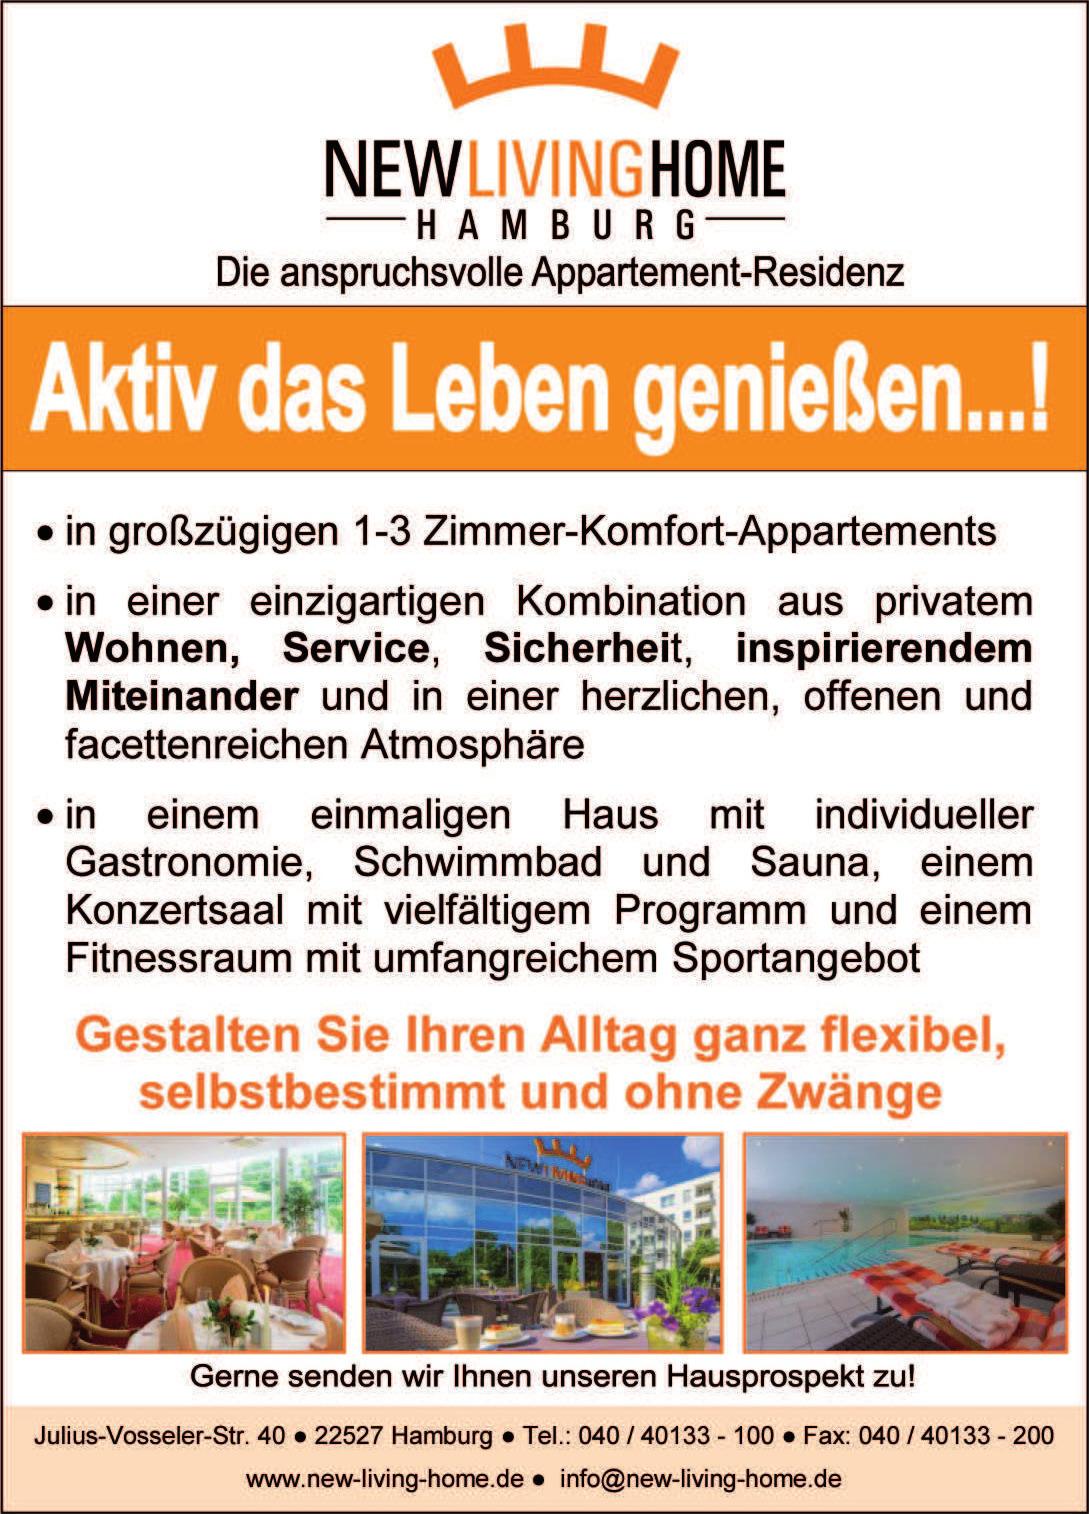 Kommanditgesellschaft RESIDENZHOTEL HAMBURG GmbH & Co.